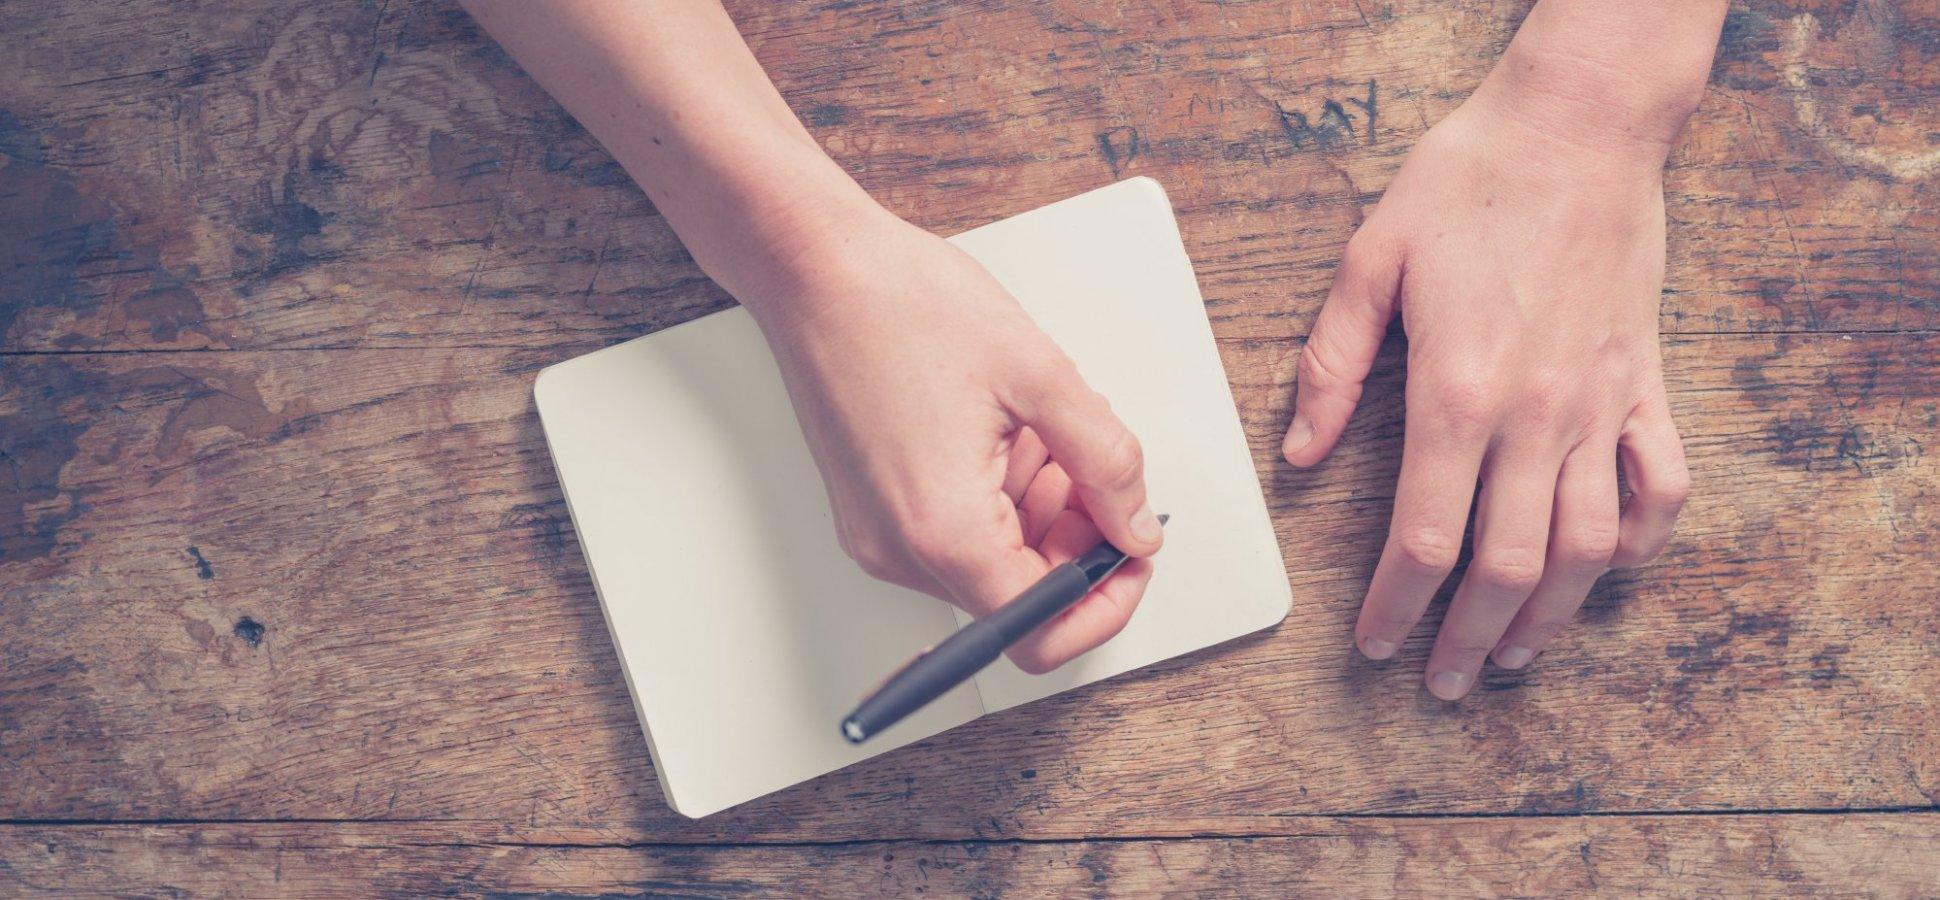 Na imagem, uma pessoa segura uma caneta em cima de um livro.